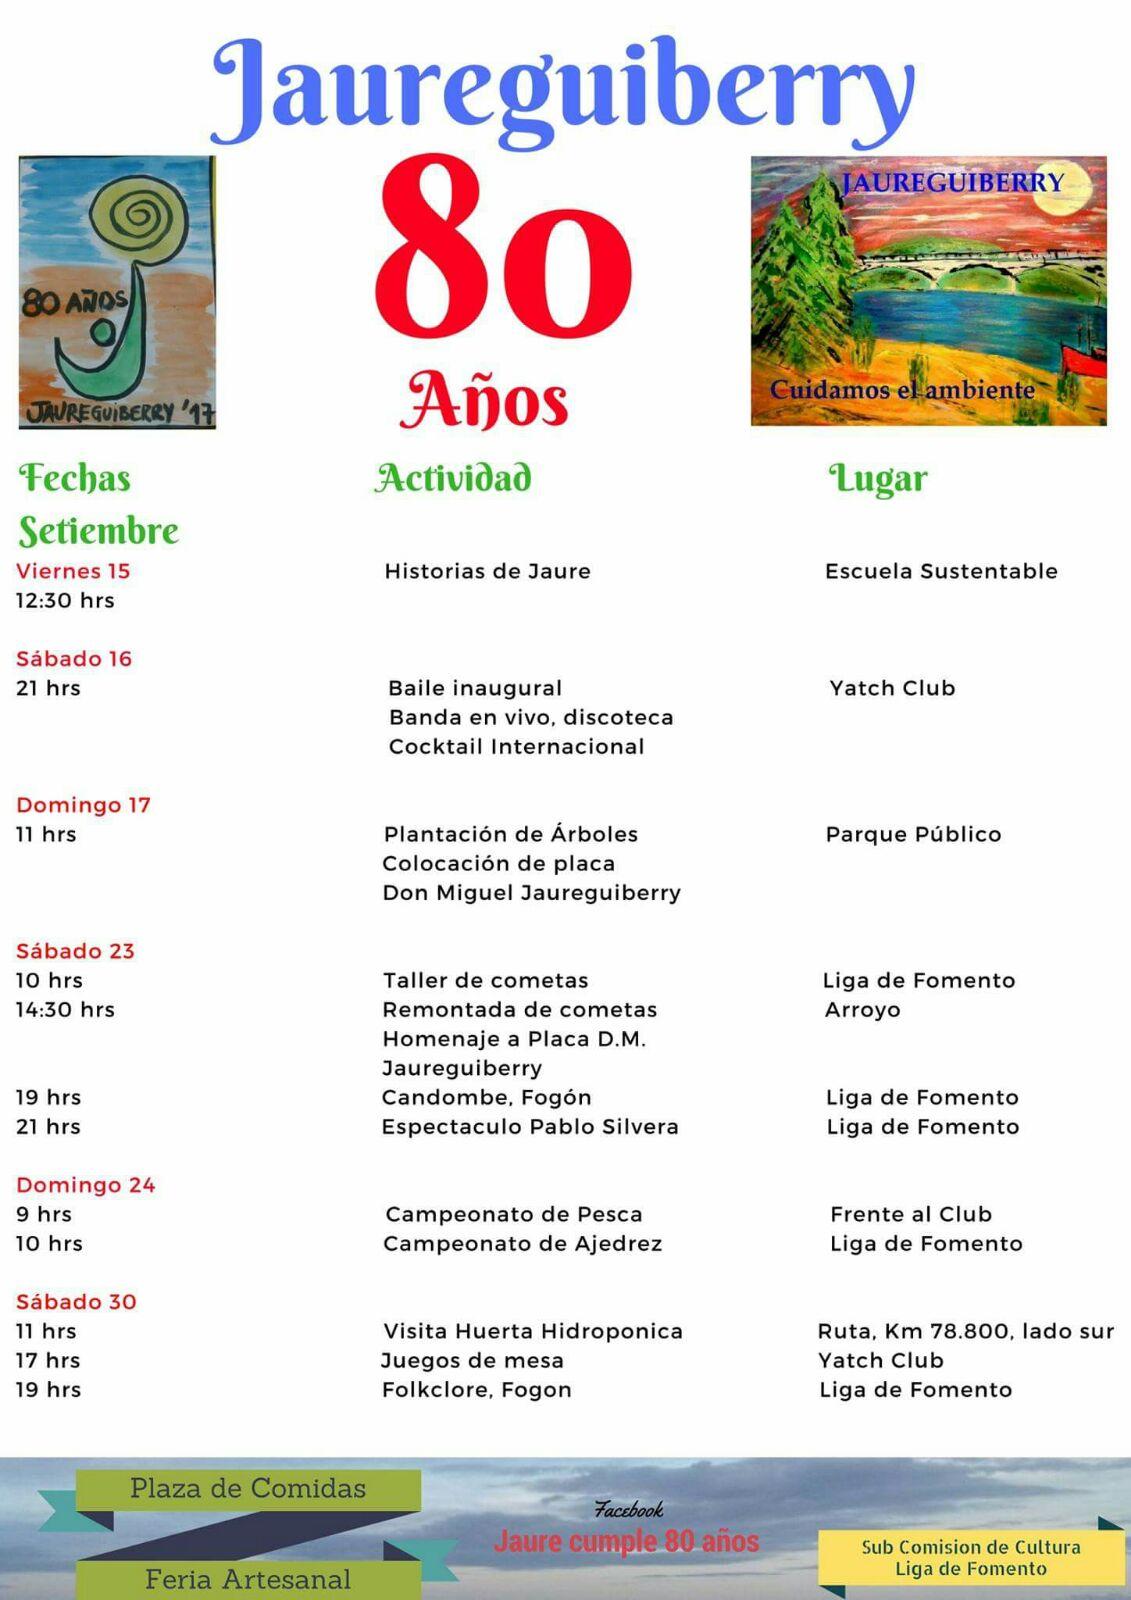 Afiche del evento, con cronograma de espectaculos y servicios